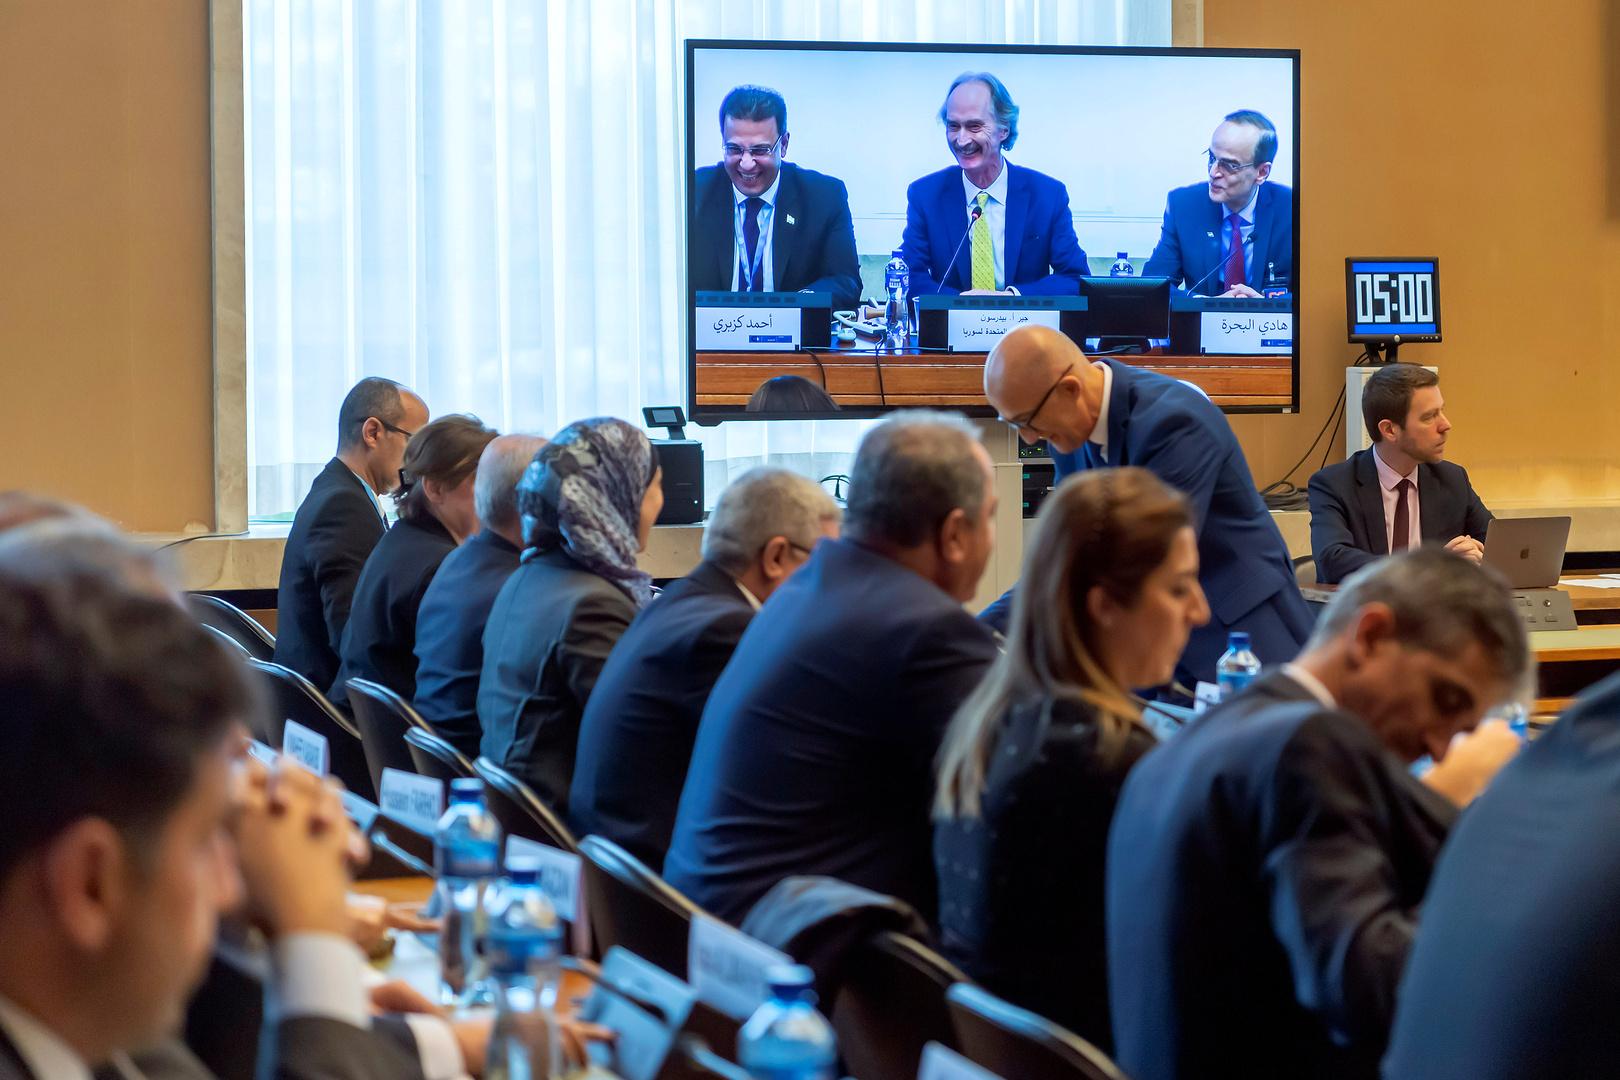 رئيس الوفد المدعوم من الحكومة السورية: دمشق لا تمانع وضع دستور جديد شرط حفظ الثوابت الوطنية